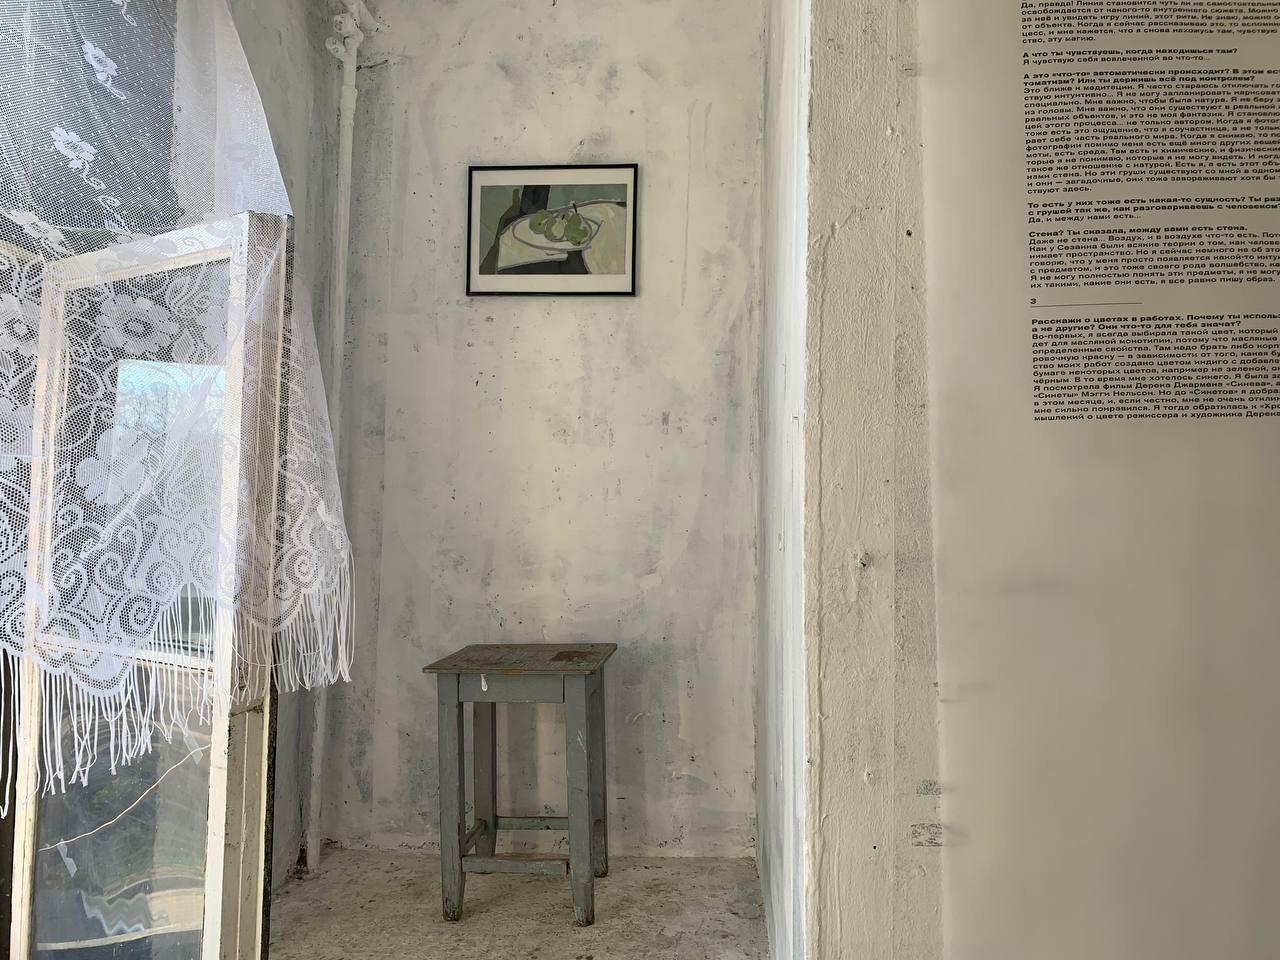 Фрагмент экспозиции«Груши. Диа- и монотипии». Галерея FFTN, Санкт-Петербург, 2021.